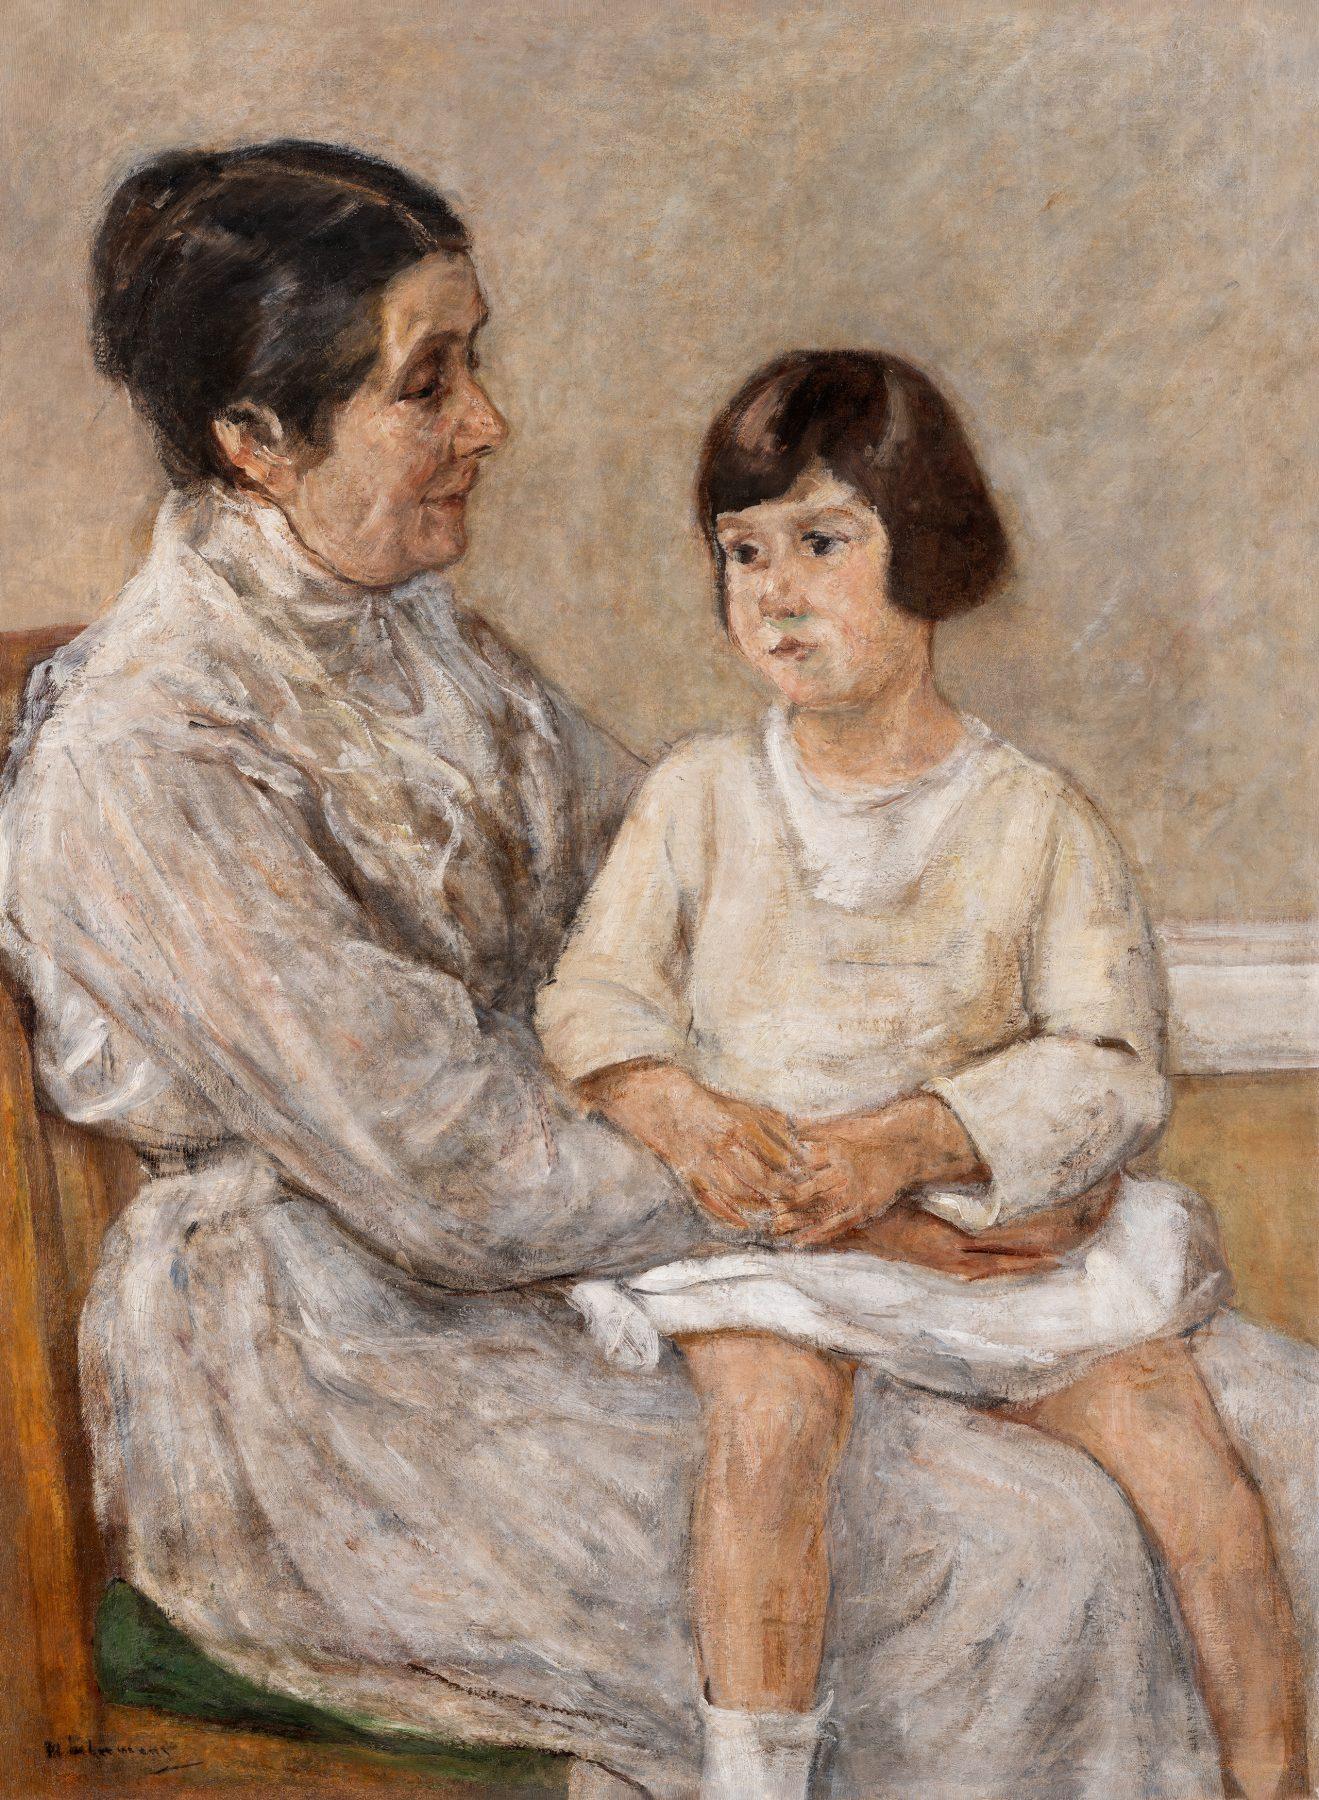 Die Enkelin Max Liebermanns sitzt auf dem Schoß Martha Liebermanns. Während Marthas Blick Maria zaghaft fixiert, schaut Maria an ihr vorbei.